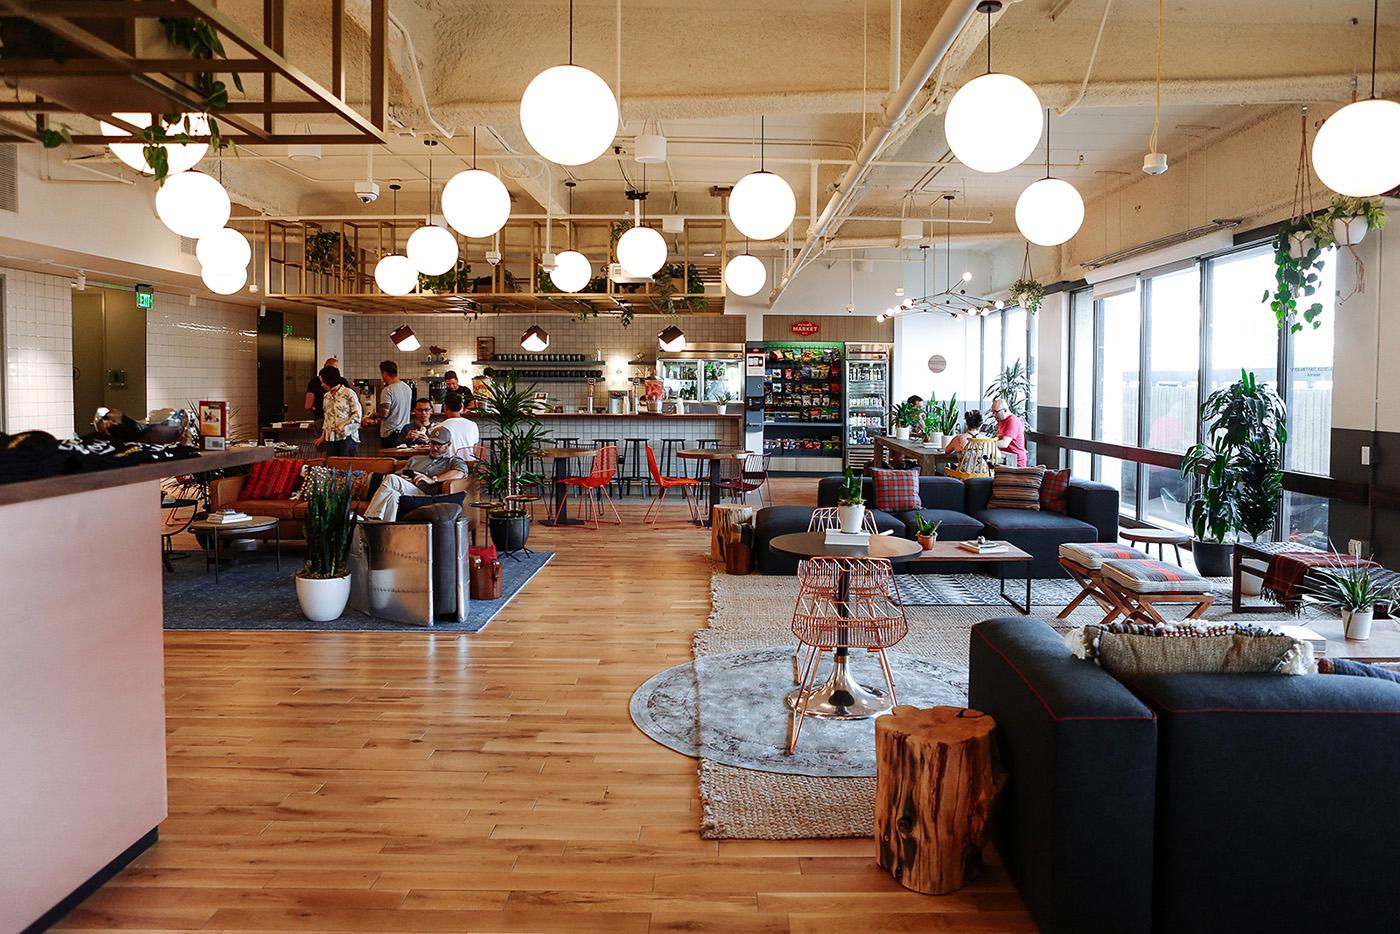 View More: http://twentytwentystudios.pass.us/wework-projects